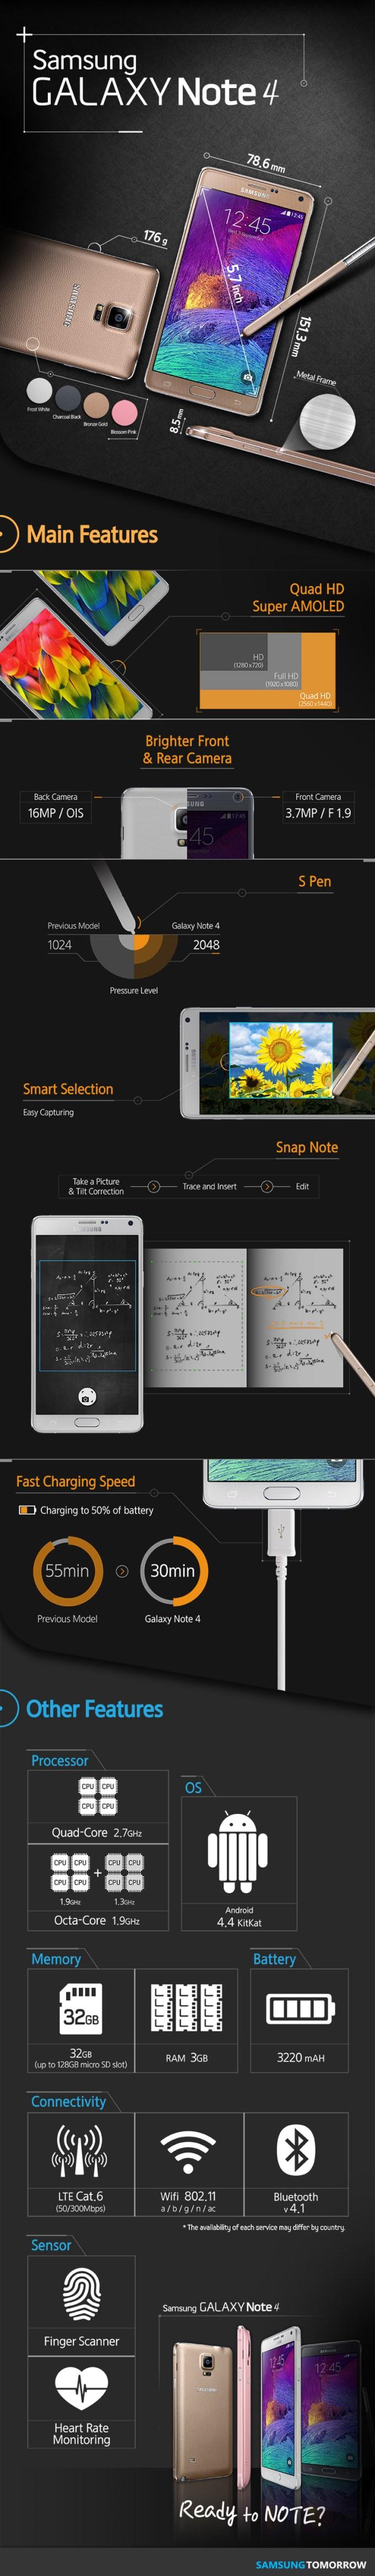 Infografika - najważniejsze cechy Samsunga Galaxy Note 4